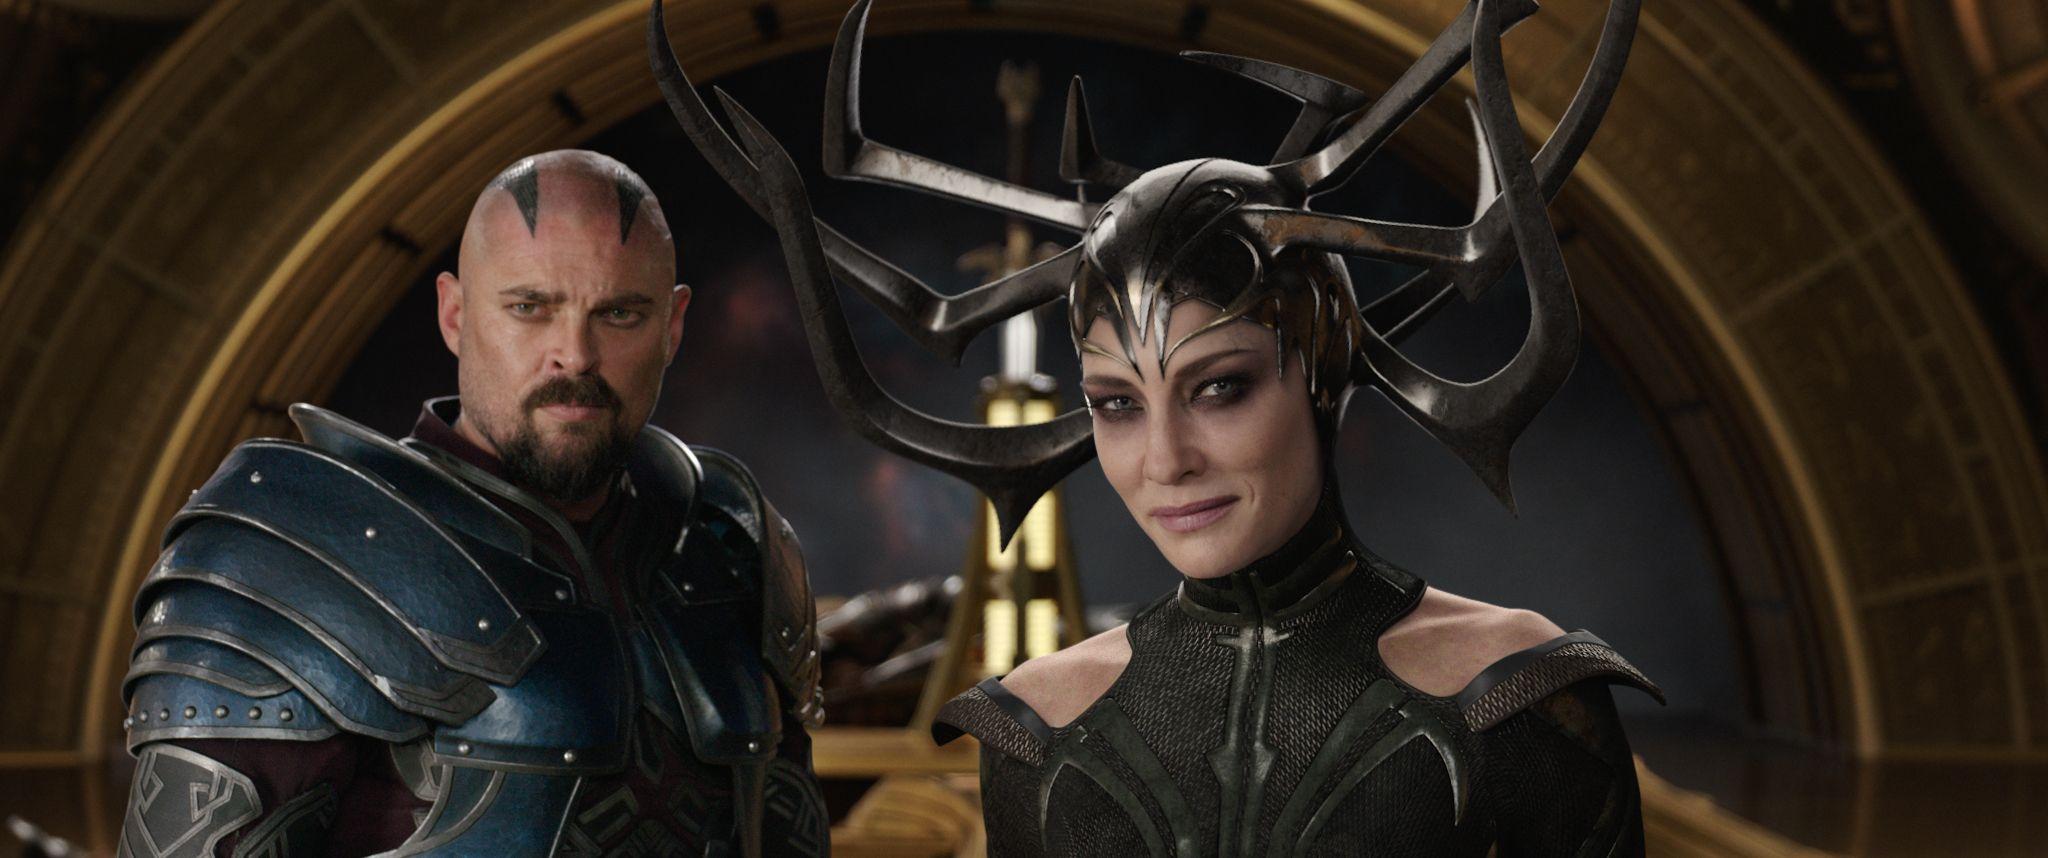 Potential Spoilers Karl Urban Describes Skurge In Thor Ragnarok Karl Urban Ragnarok Movie Thor Film